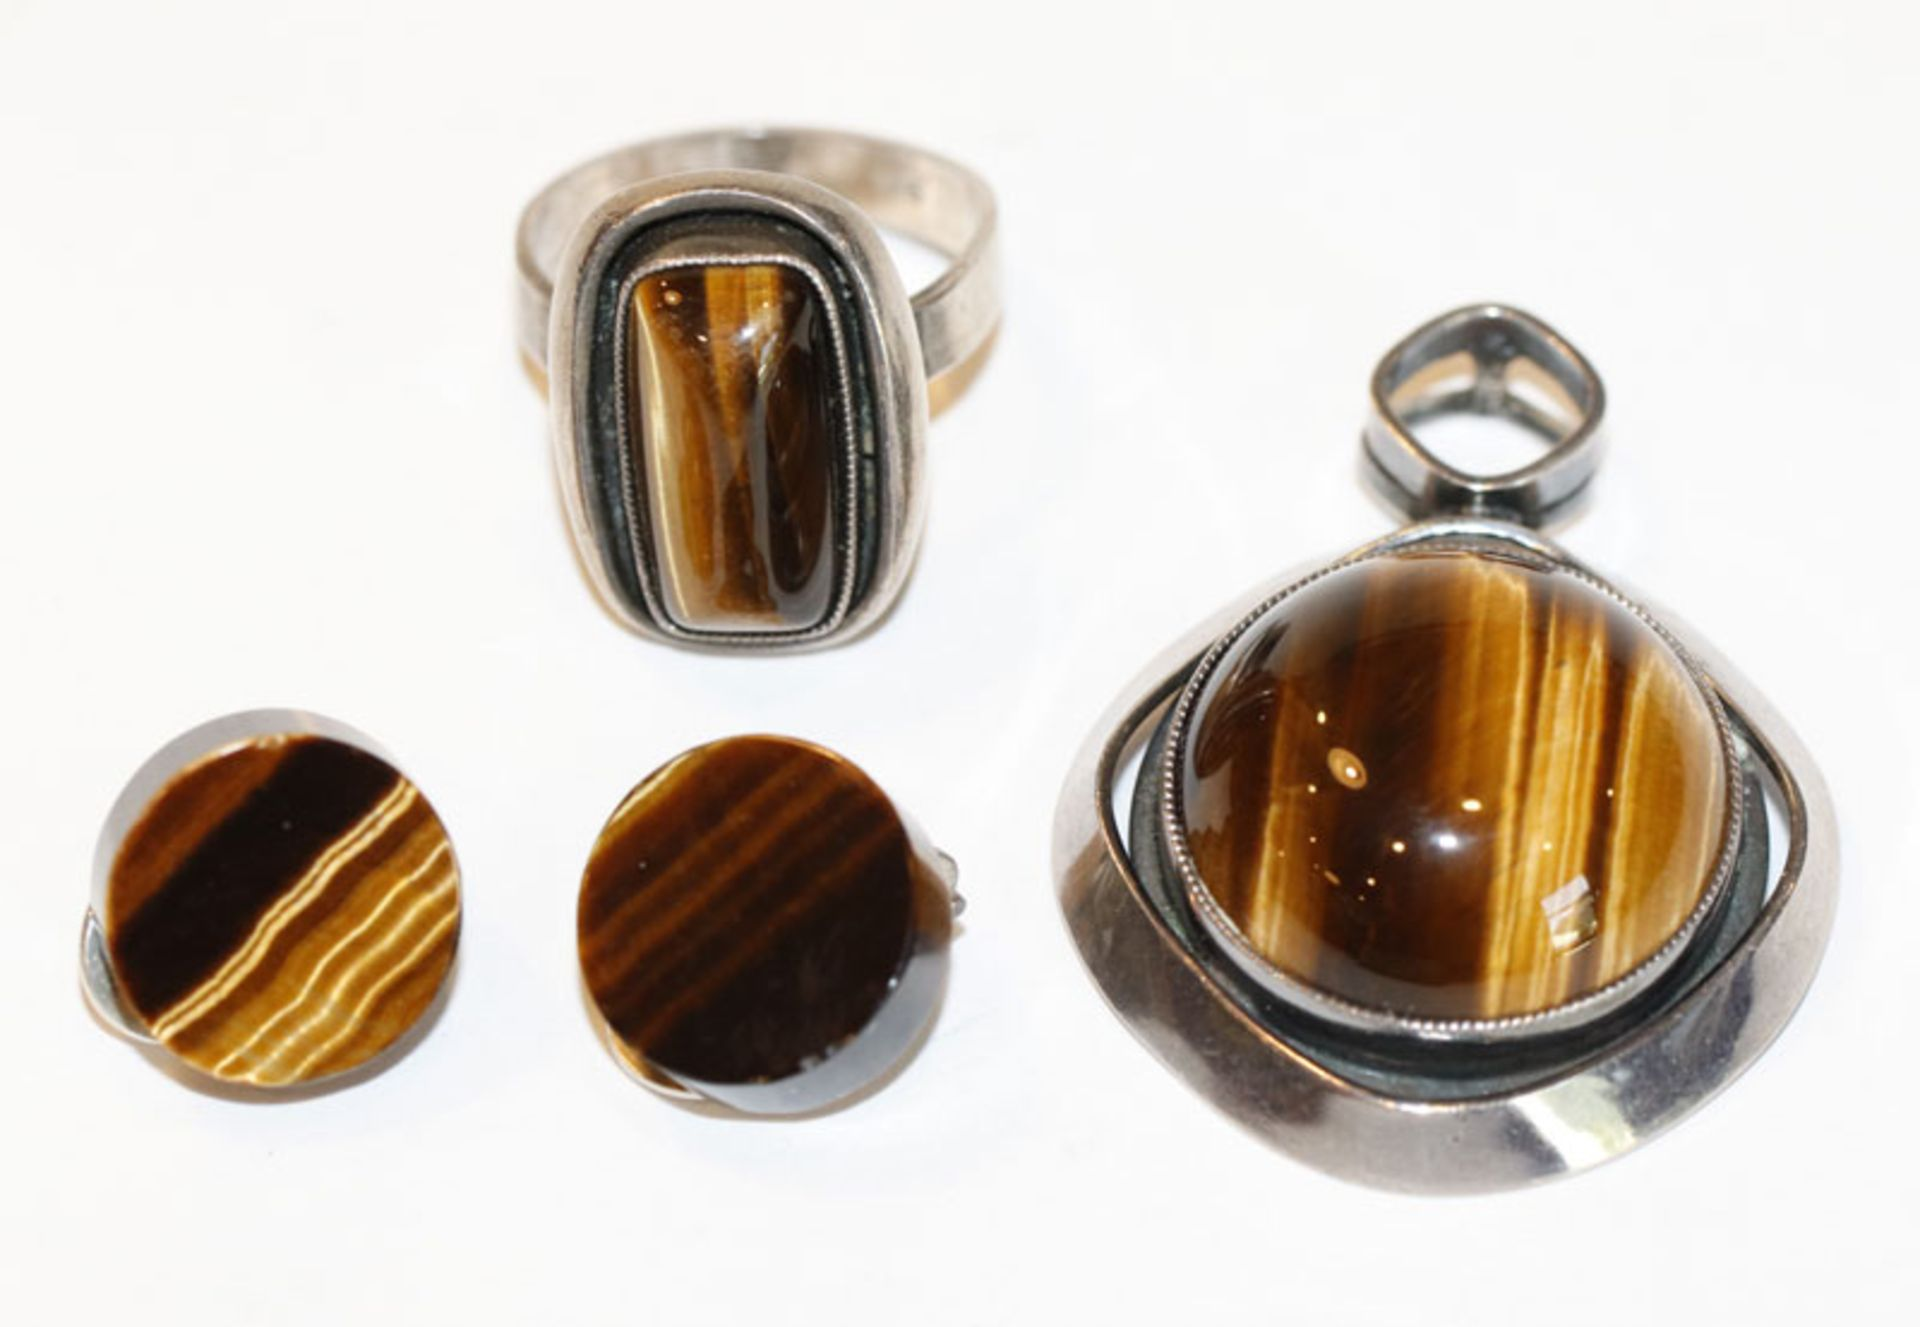 Silber Schmuck-Set mit Tigerauge: Anhänger, D 3,2 cm, Ring, Gr. 61, und Paar Ohrclips